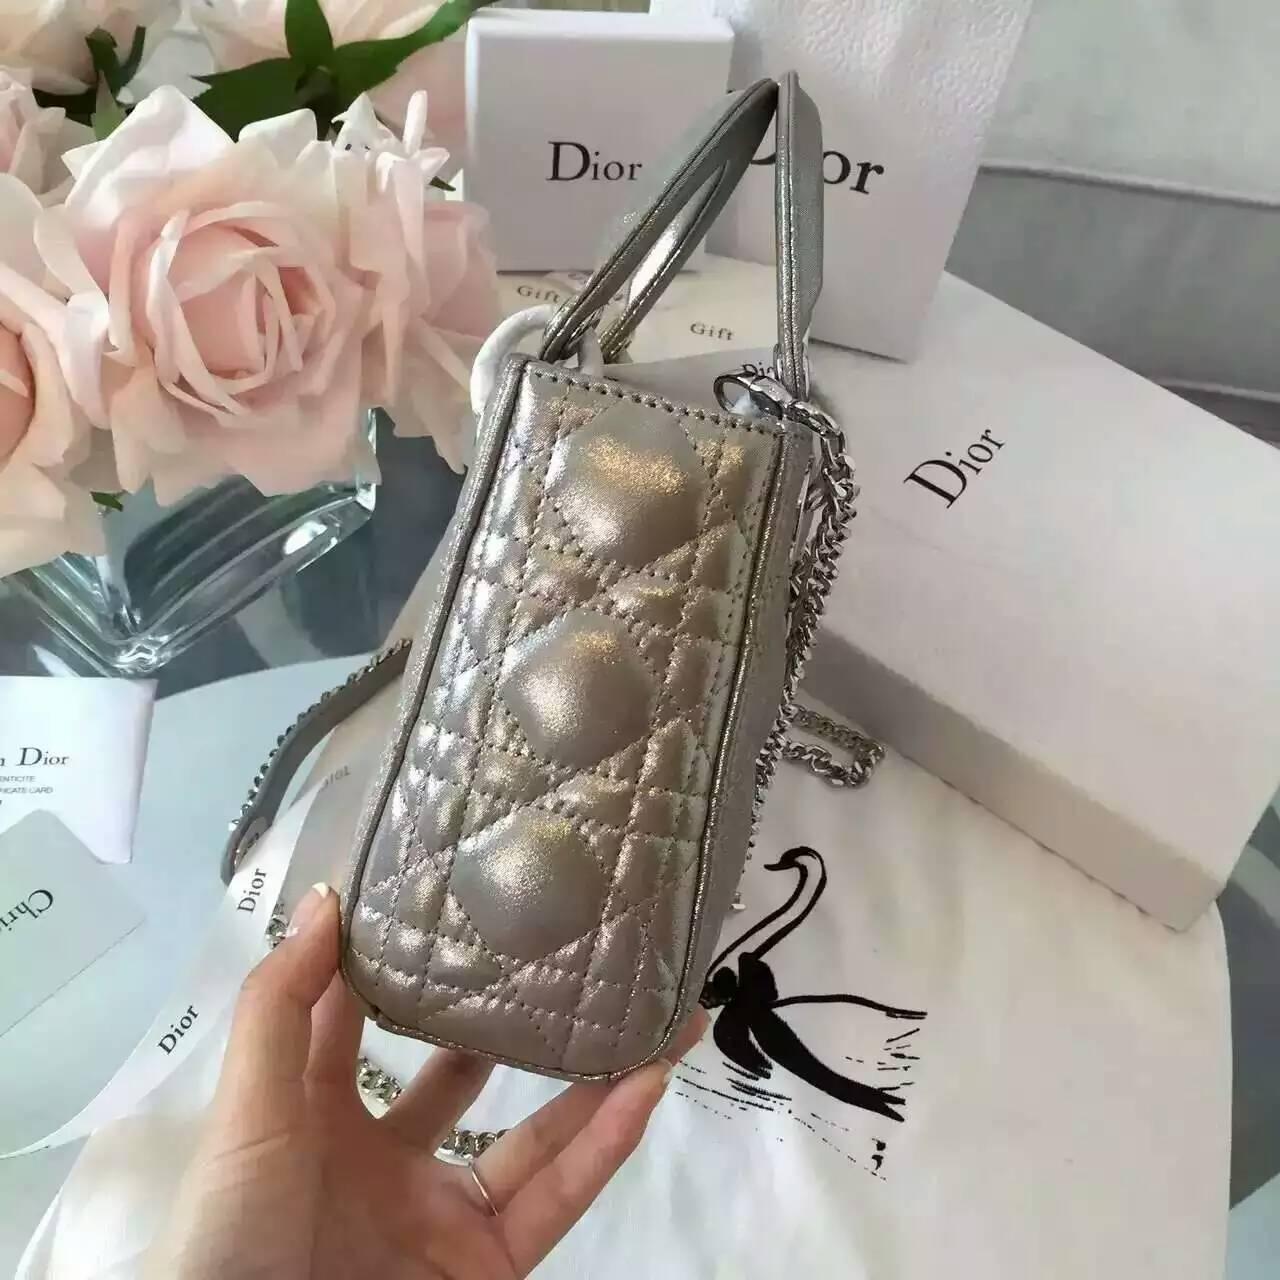 厂家直销 Lady Dior迪奥三格迷你戴妃包 灰色珠光布纹小羊皮